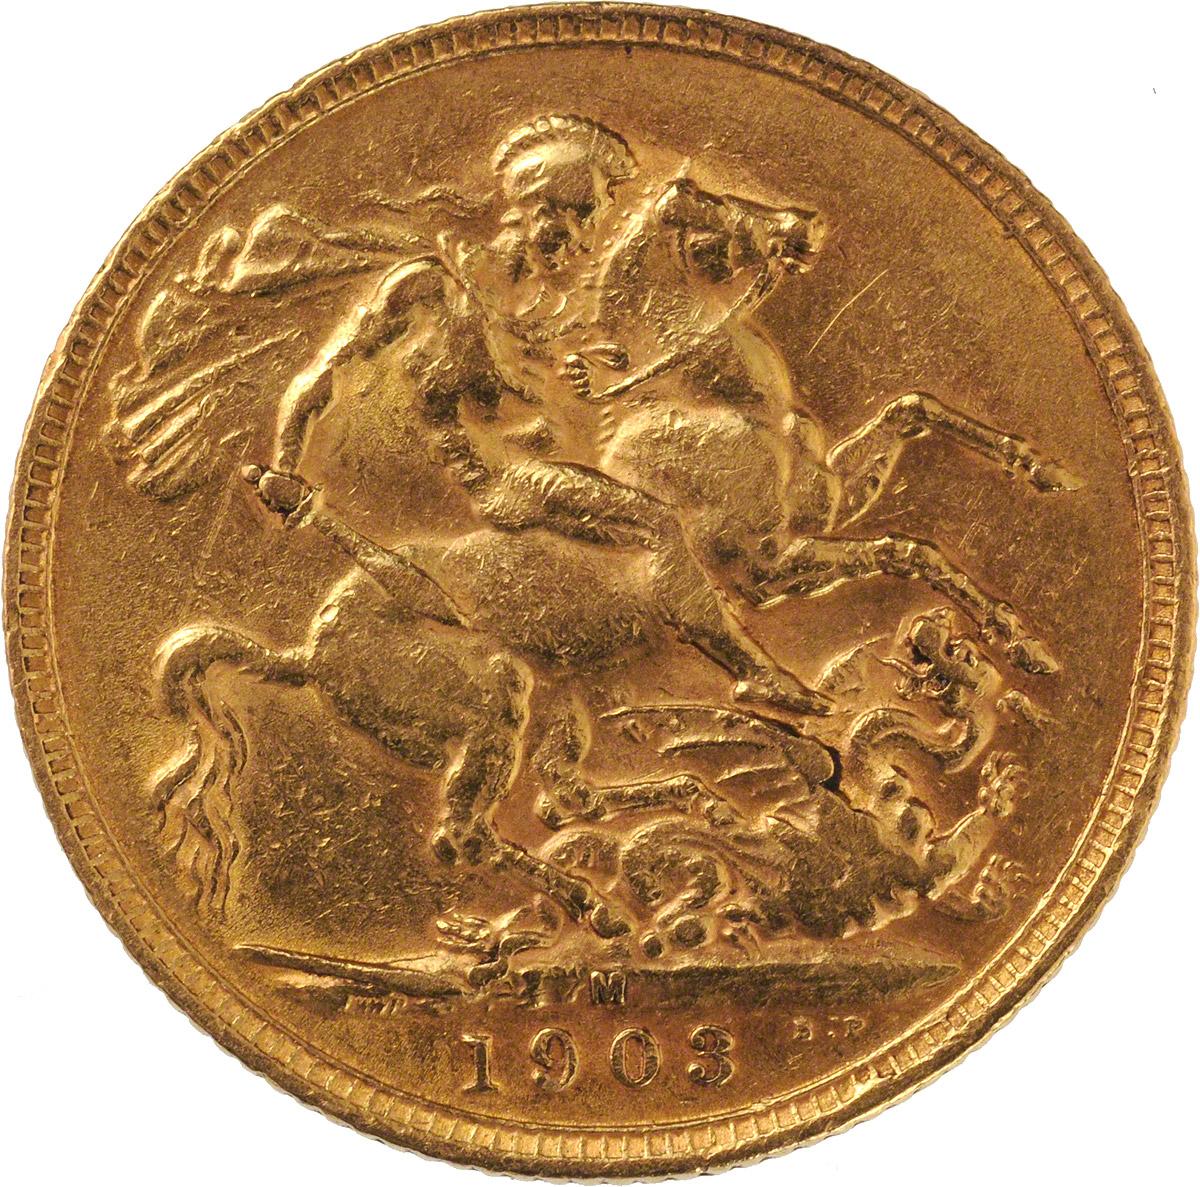 1903 Εδουάρδος Ζ' (Νομισματοκοπείο Μελβούρνης)